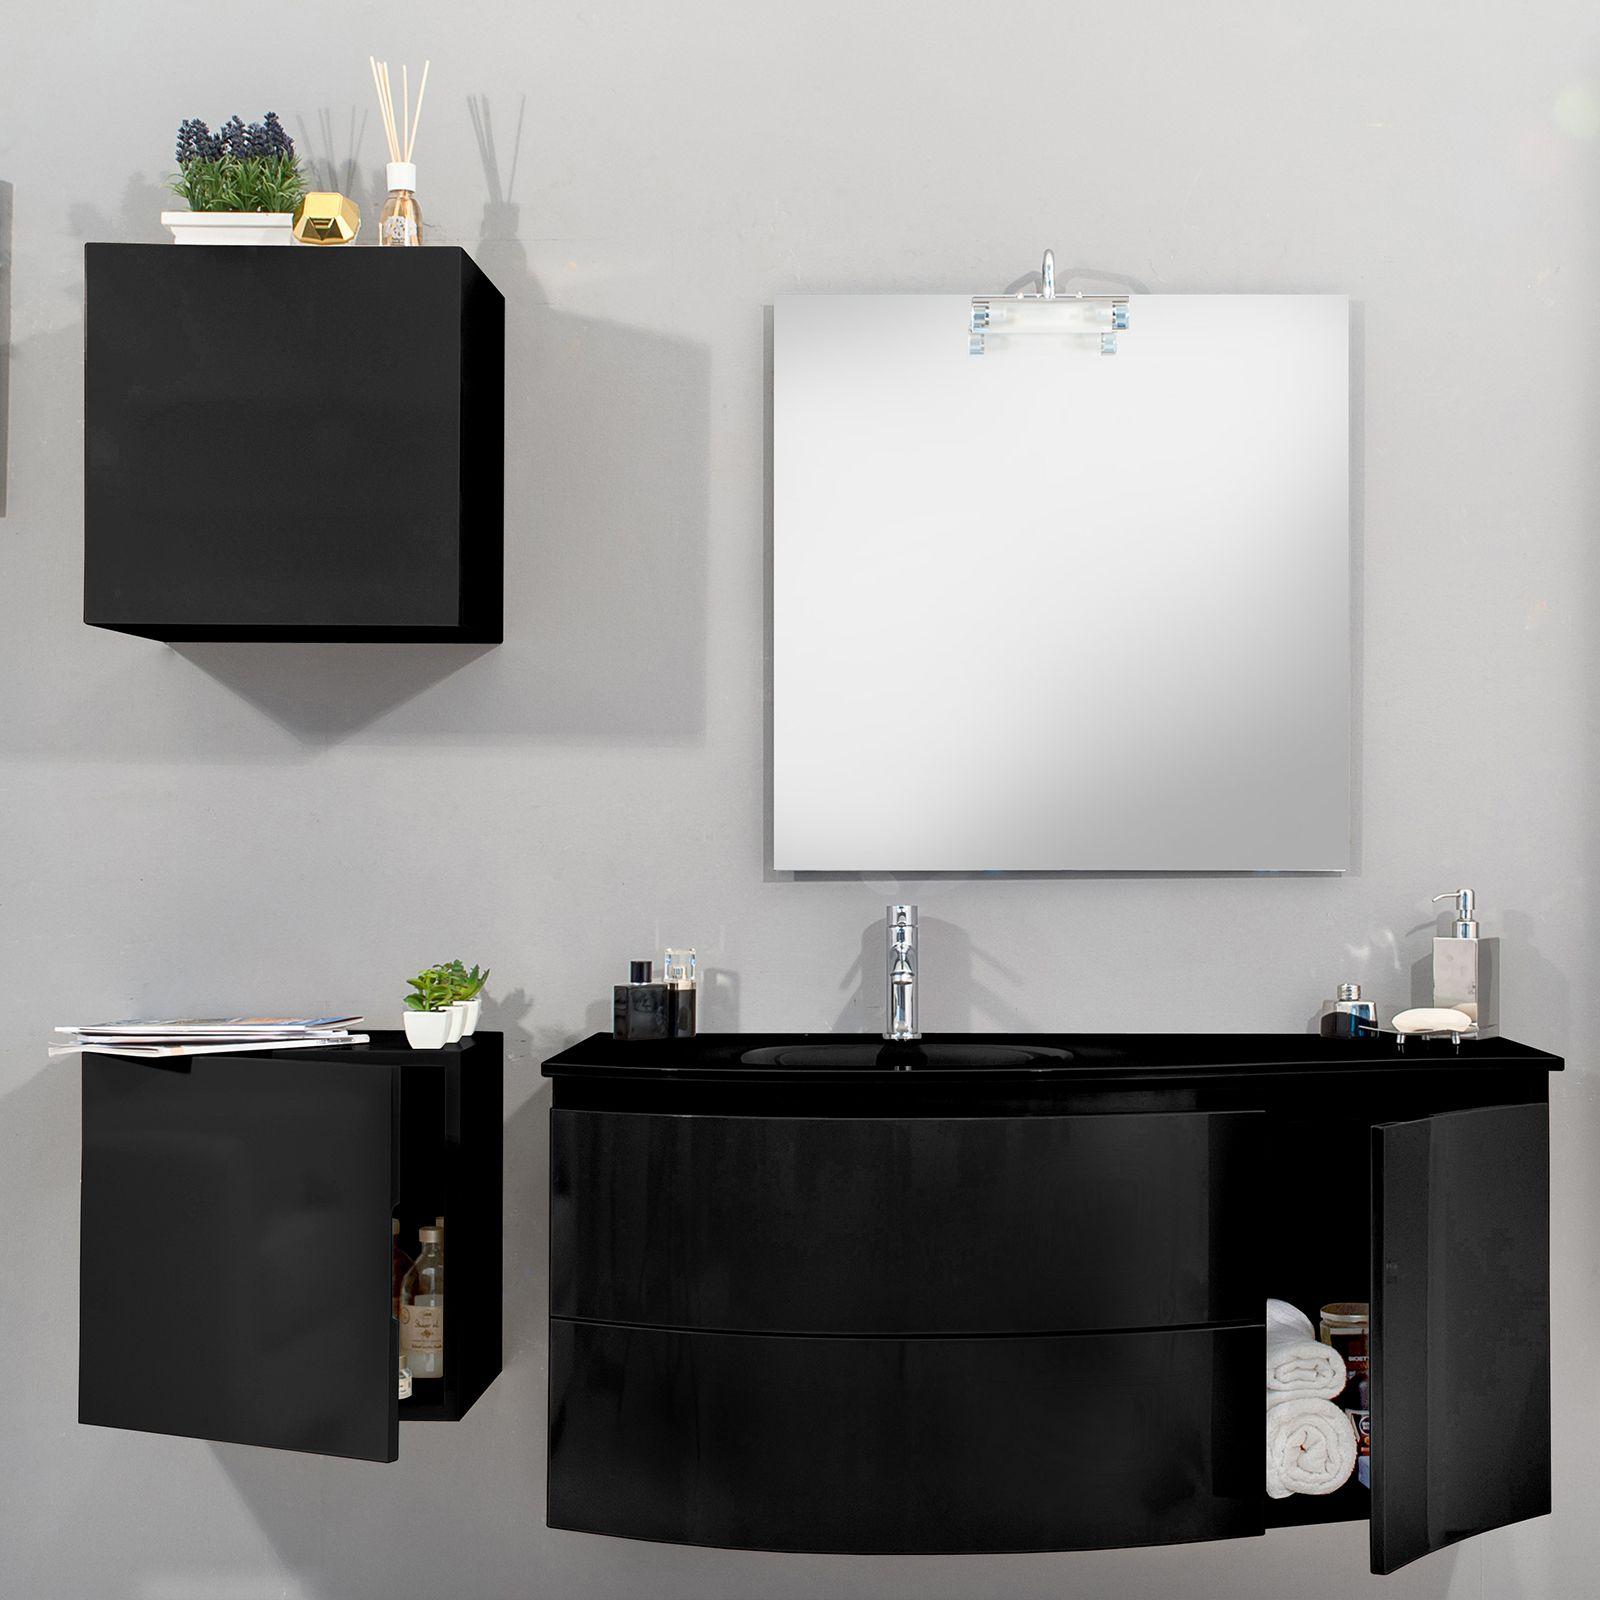 Arredobagno asia 2 cm 90 o 110 con lavabo in cristallo - Mobile bagno nero lucido ...